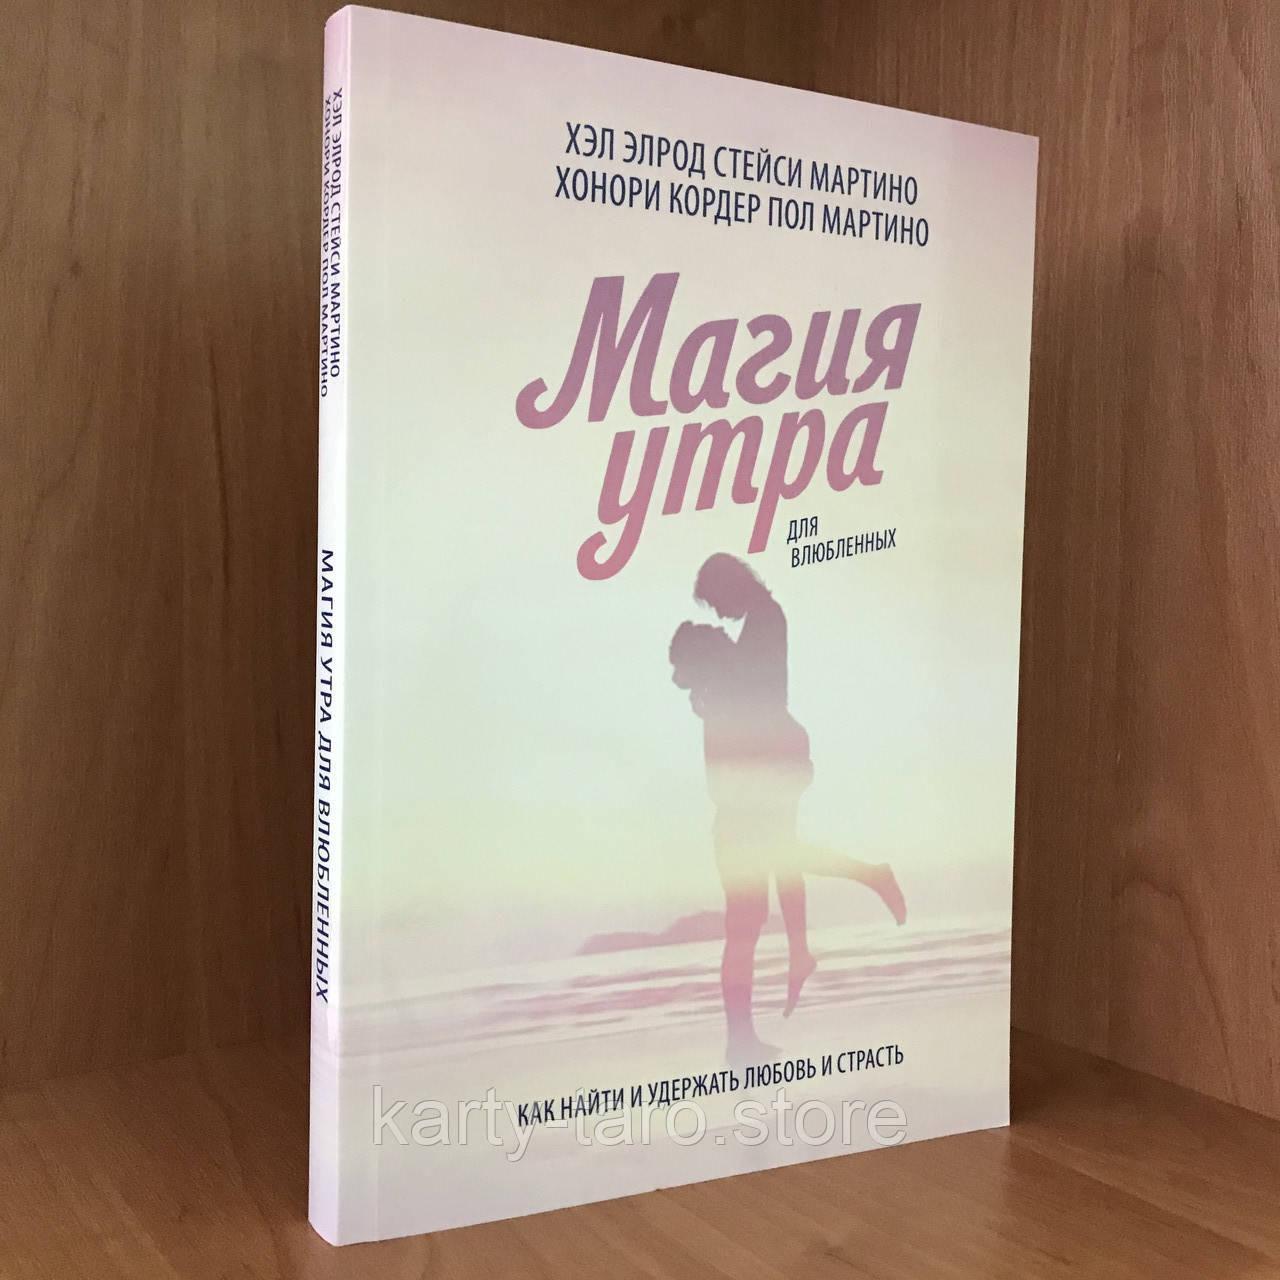 Книга Магия утра для влюбленных. Как найти и удержать любовь и страсть - Х.Элрод. Х.Кордер